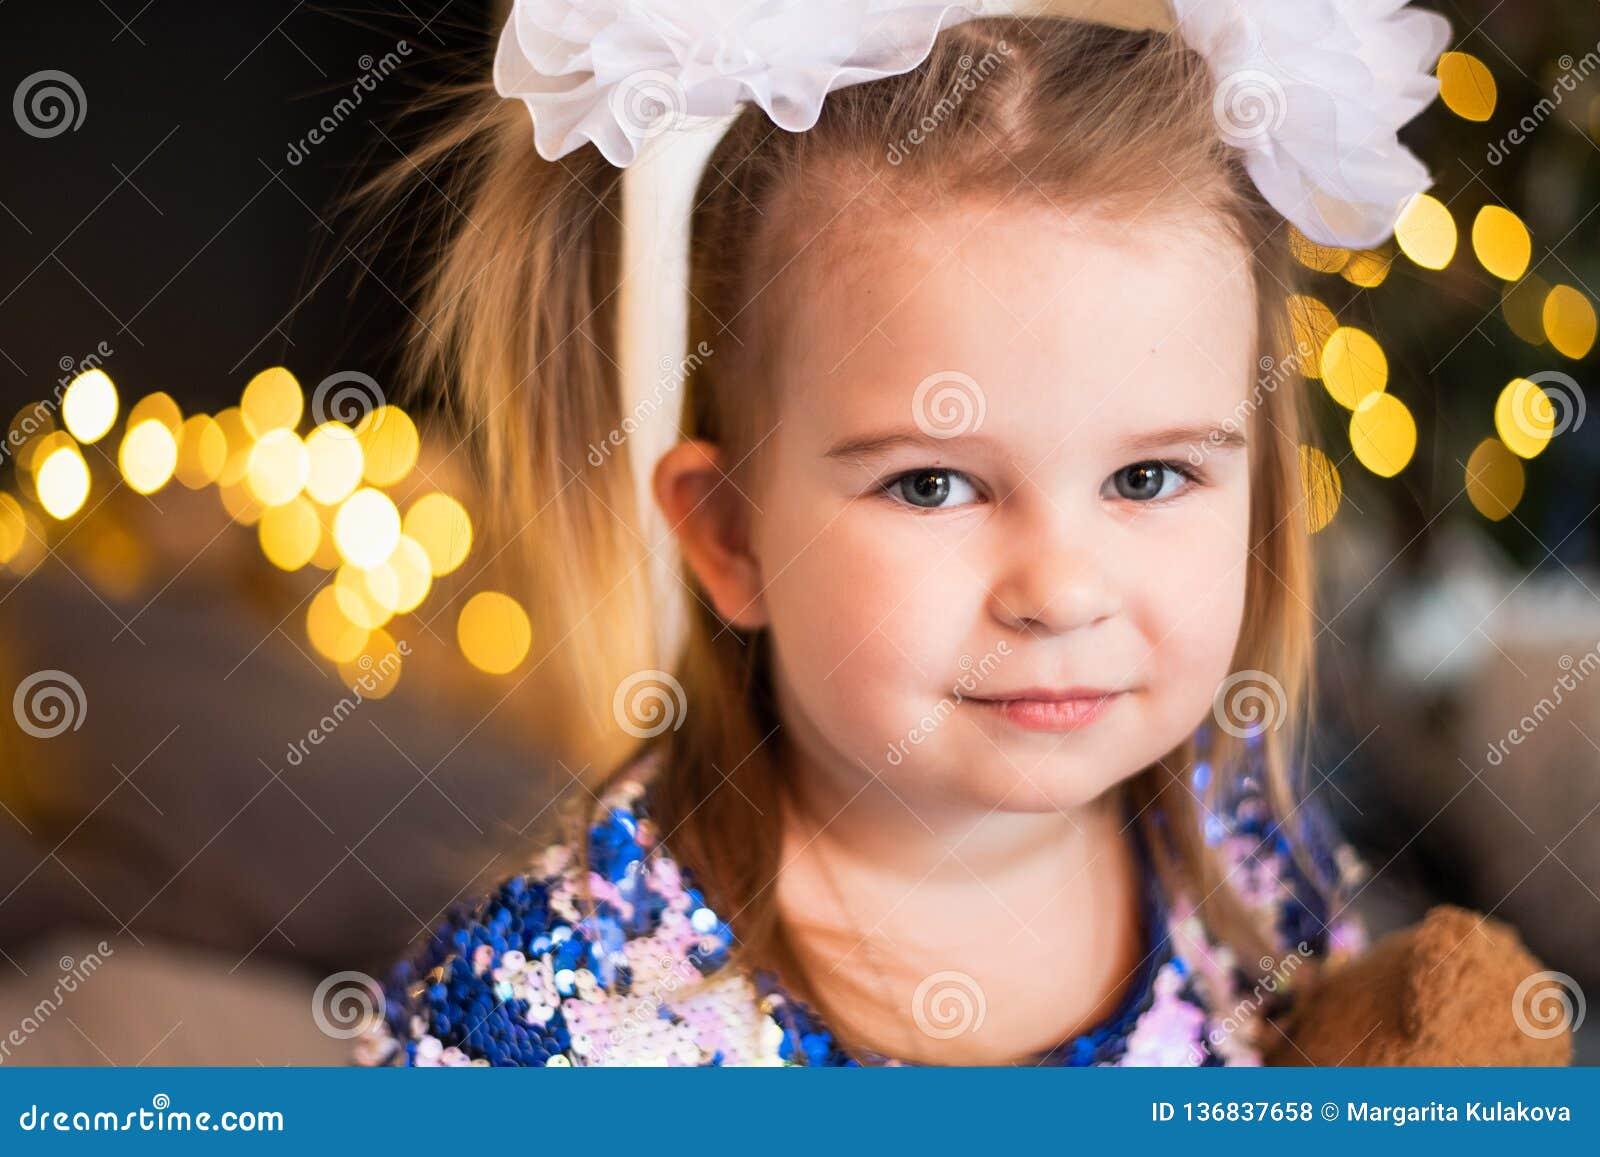 Sluit omhoog portret van een jong meisje met a buigt op haar haar